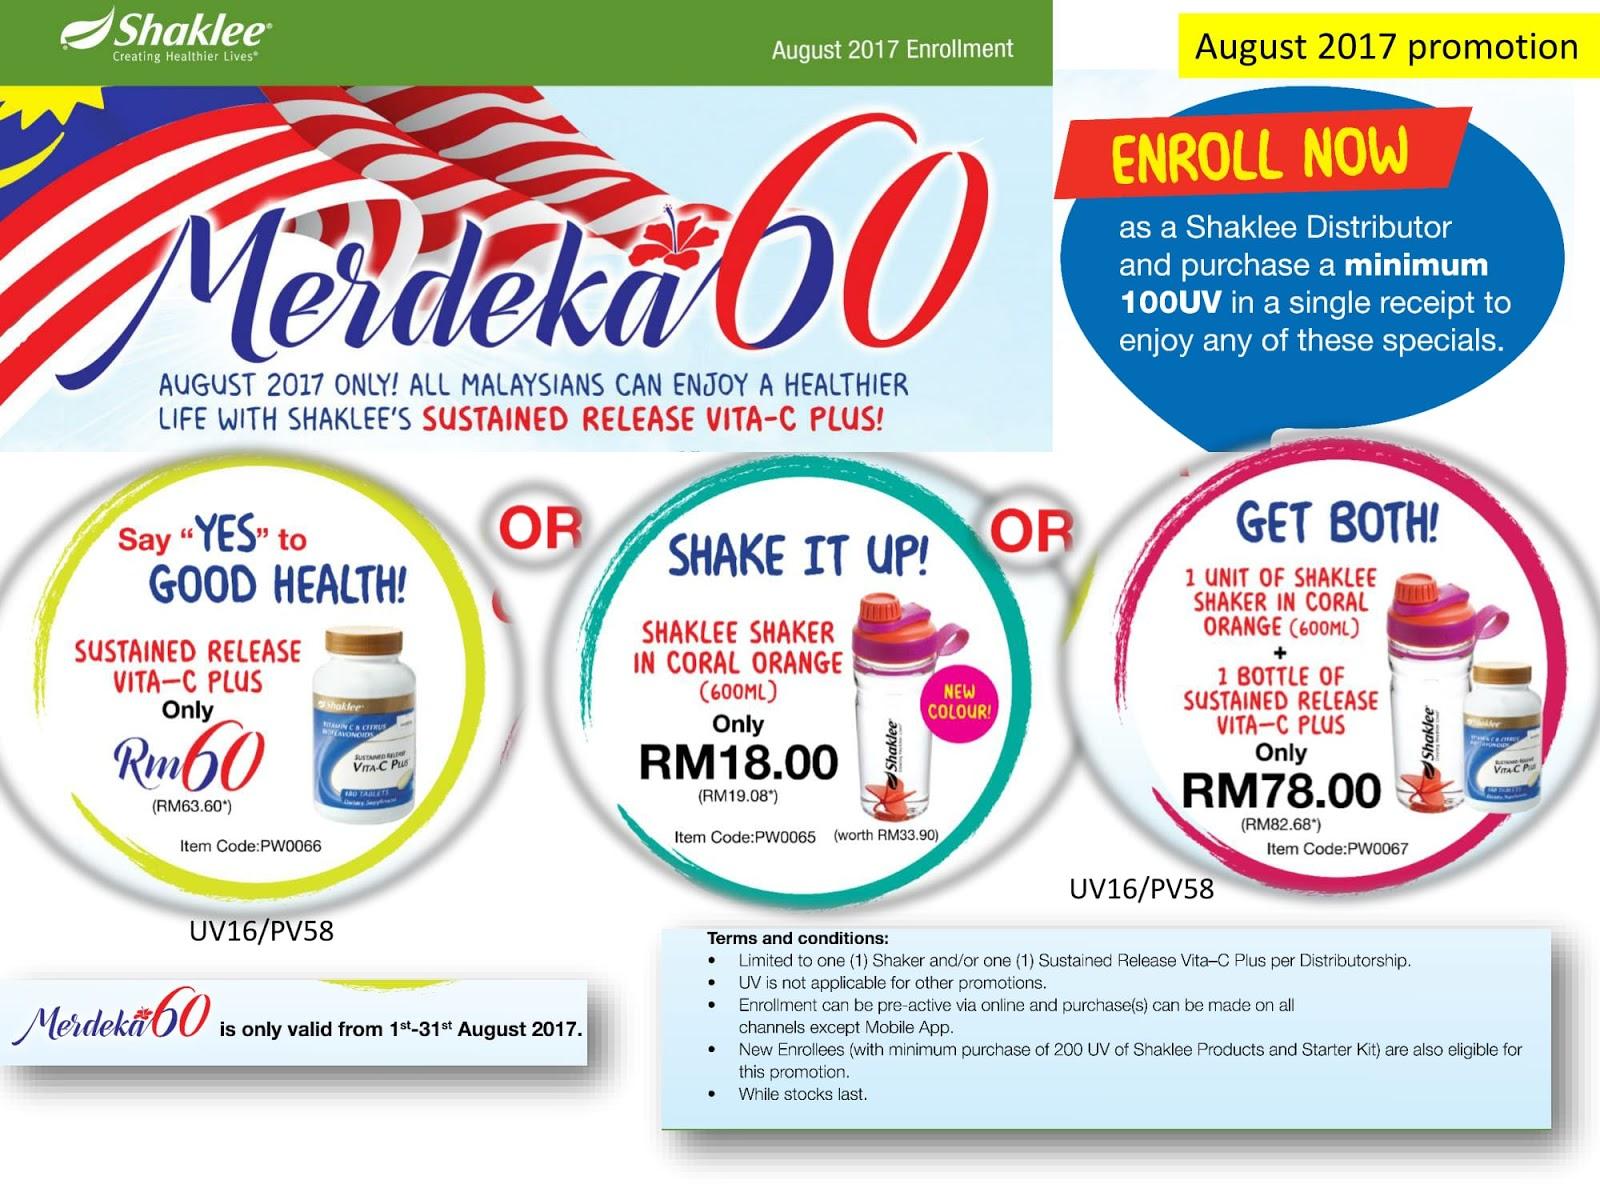 Promosi Merdeka, Promosi Shaklee Merdeka, Promo Tumbler Coral, Vitamin C murah